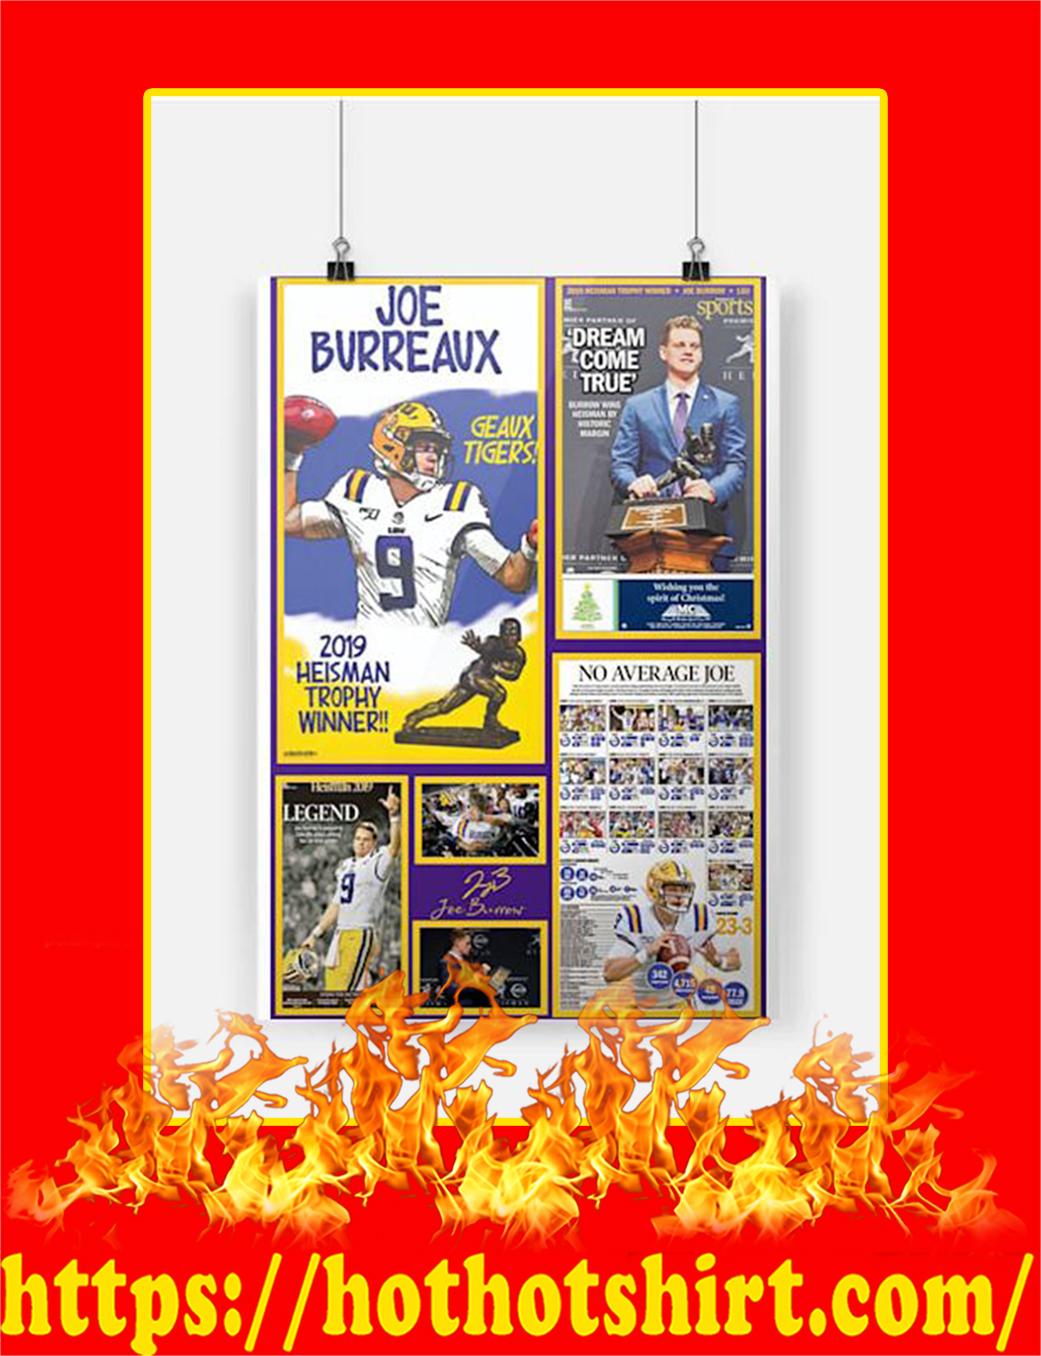 Joe Burreaux 2019 Heisman Trophy Winner Poster - A2